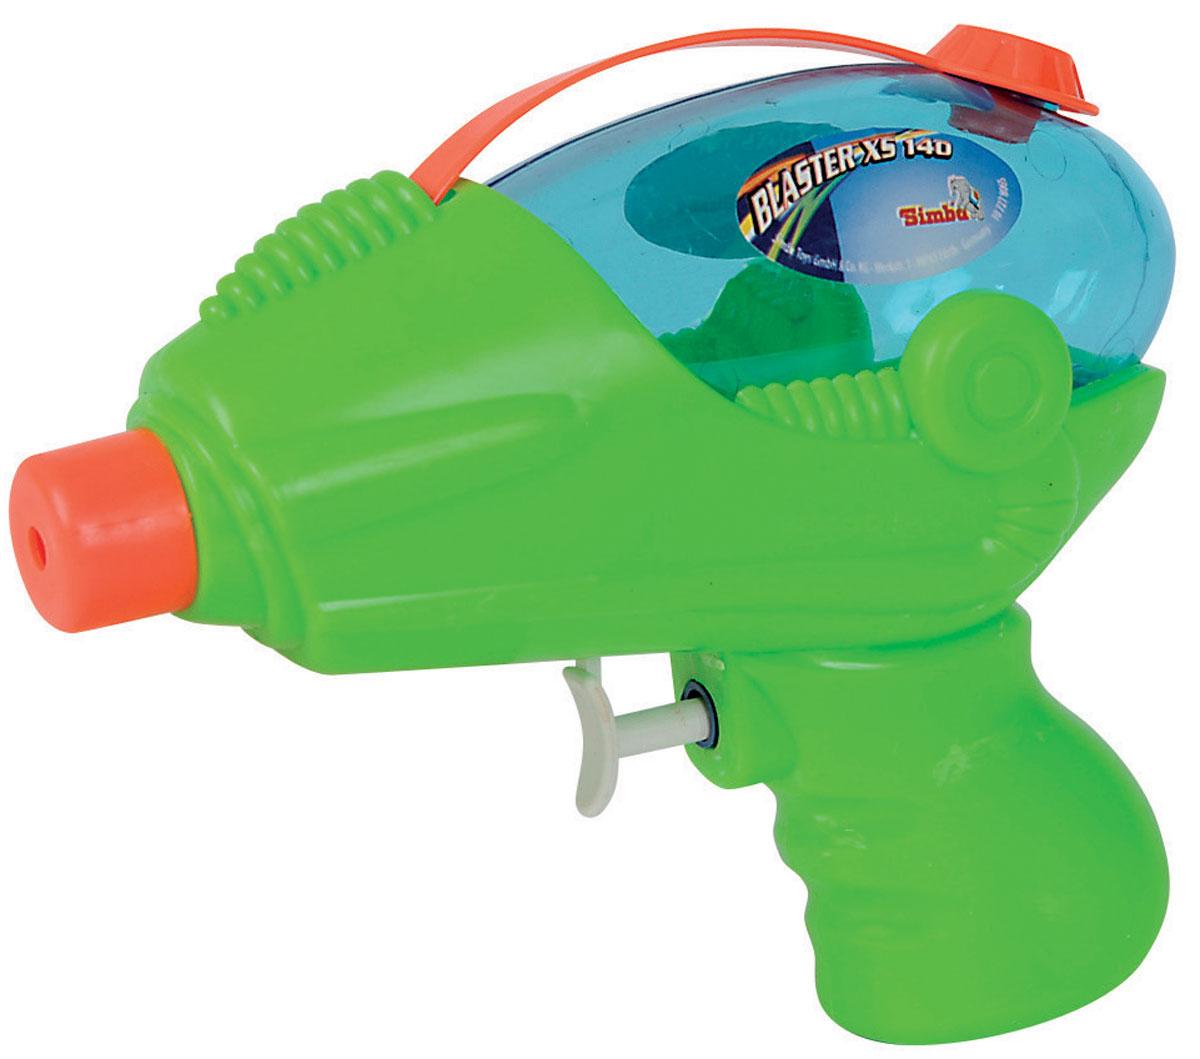 Simba Водный пистолет Blaster XS 140 цвет салатовый7278065_салатовыйВодный пистолет Simba Blaster XS 140 станет отличным развлечением для детей в жаркую летнюю погоду. Пистолет выделяется ярким дизайном и компактными формами. Игрушкой очень удобно пользоваться благодаря эргономичной рукоятке. Также большим плюсом является наличие вместительного резервуара для воды, который закрывается сверху на корпусе крышечкой. Заполните резервуар водой и начинайте стрелять! При нажатии на курок пистолет выстреливает струей воды. Такая игрушка не только порадует малыша, но и поможет ему совершенствовать мелкую и крупную моторику, а также координацию движений. С водным пистолетом ваш малыш сможет устроить настоящее водное сражение!